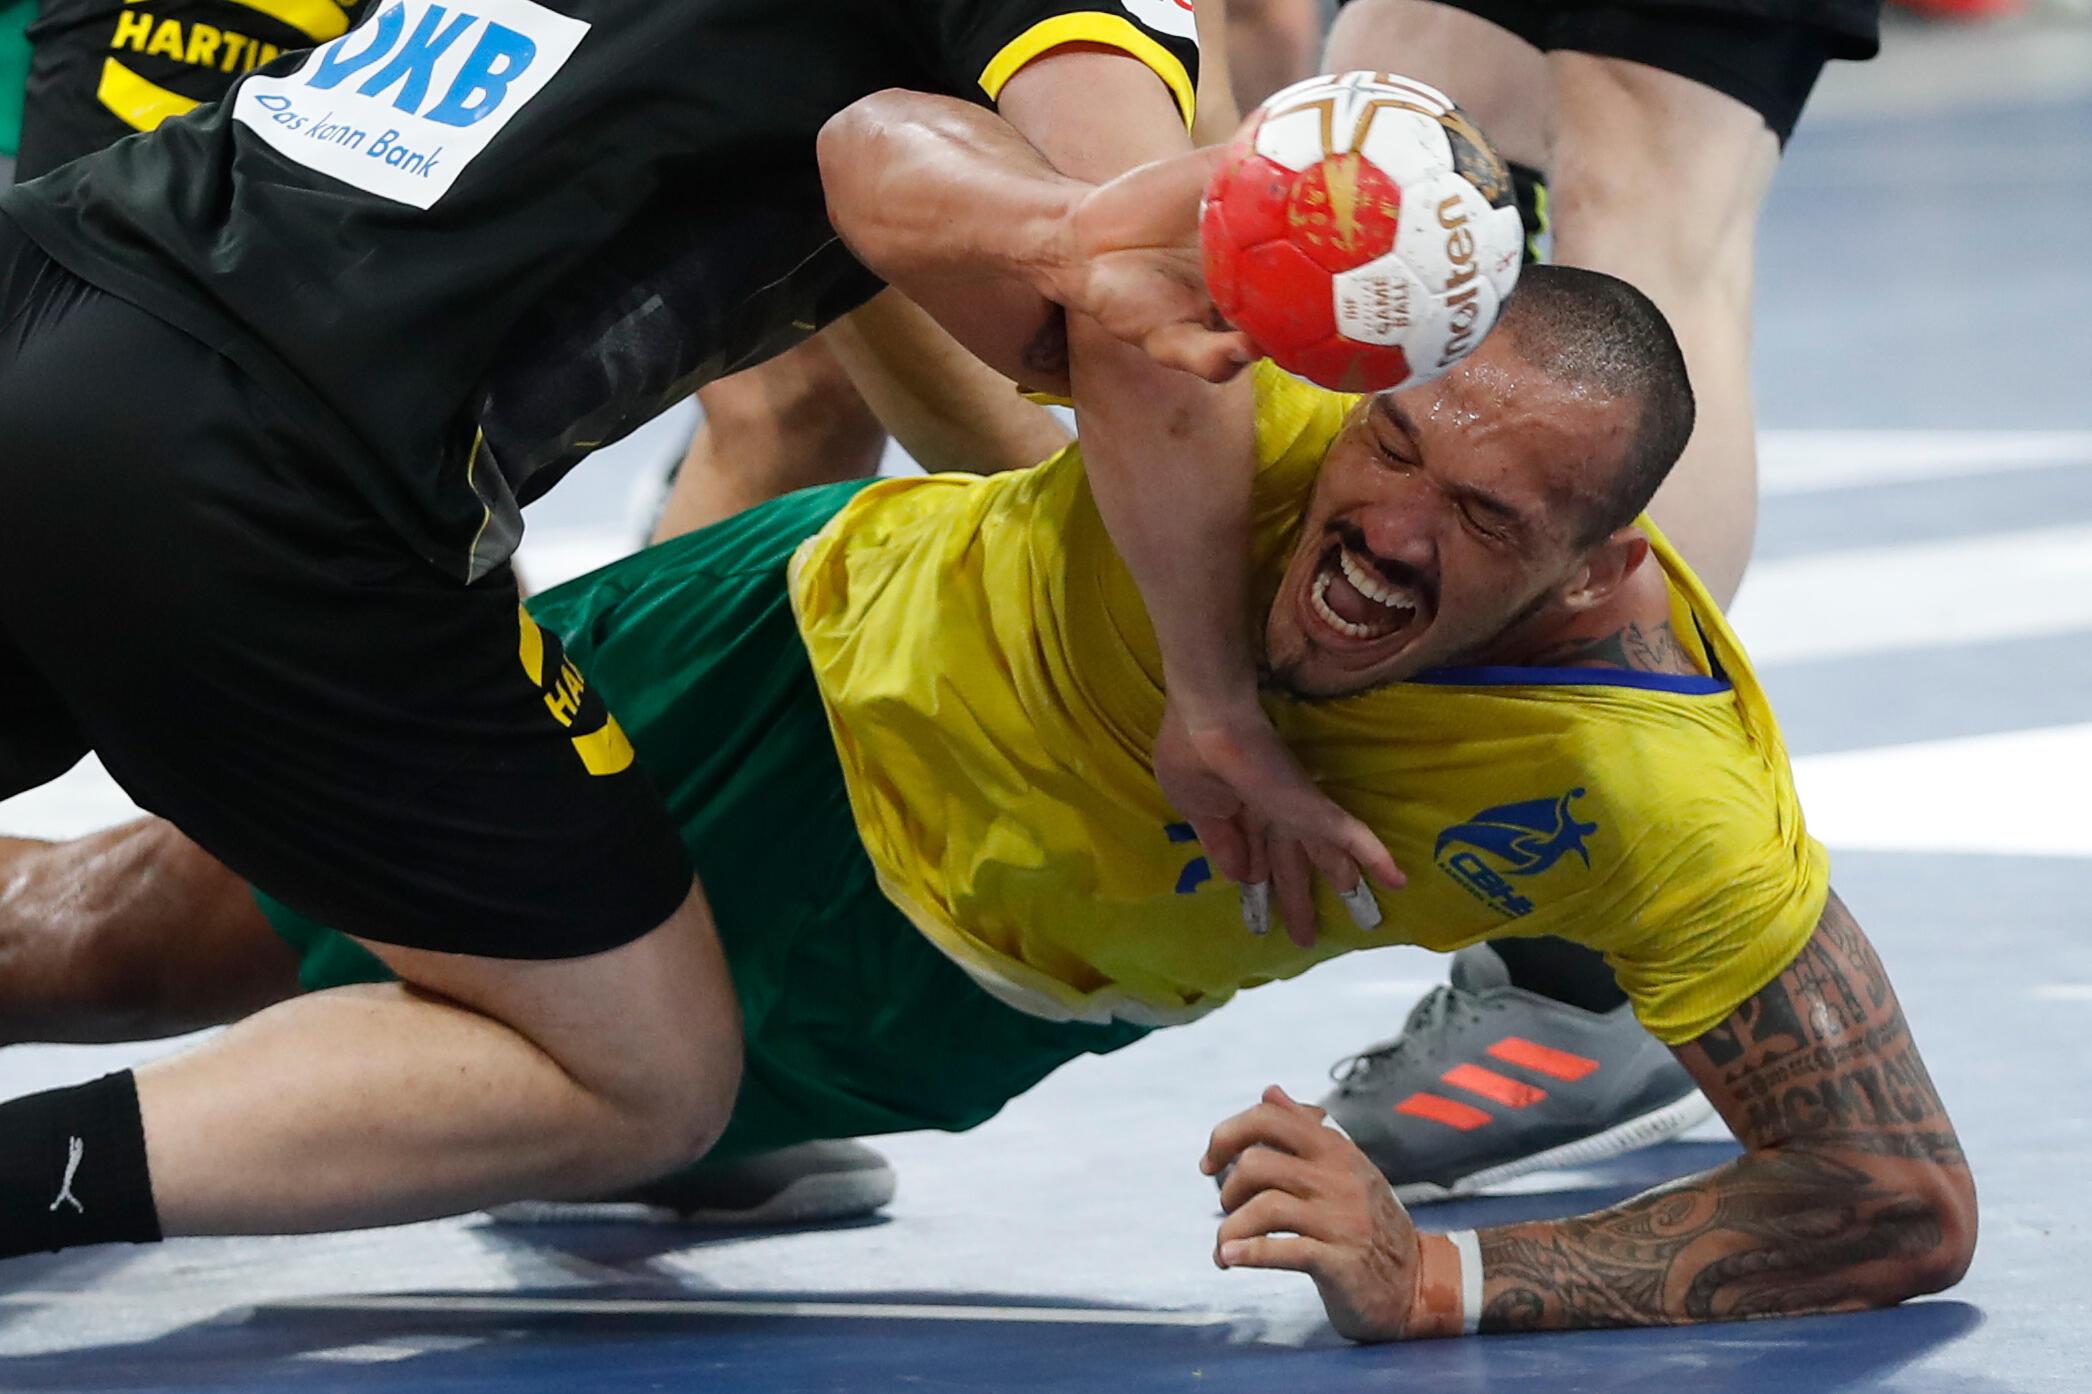 Rogério Moraes - Brasil - Selecção Brasileira - Andebol - Desporto - Mundial - Handball